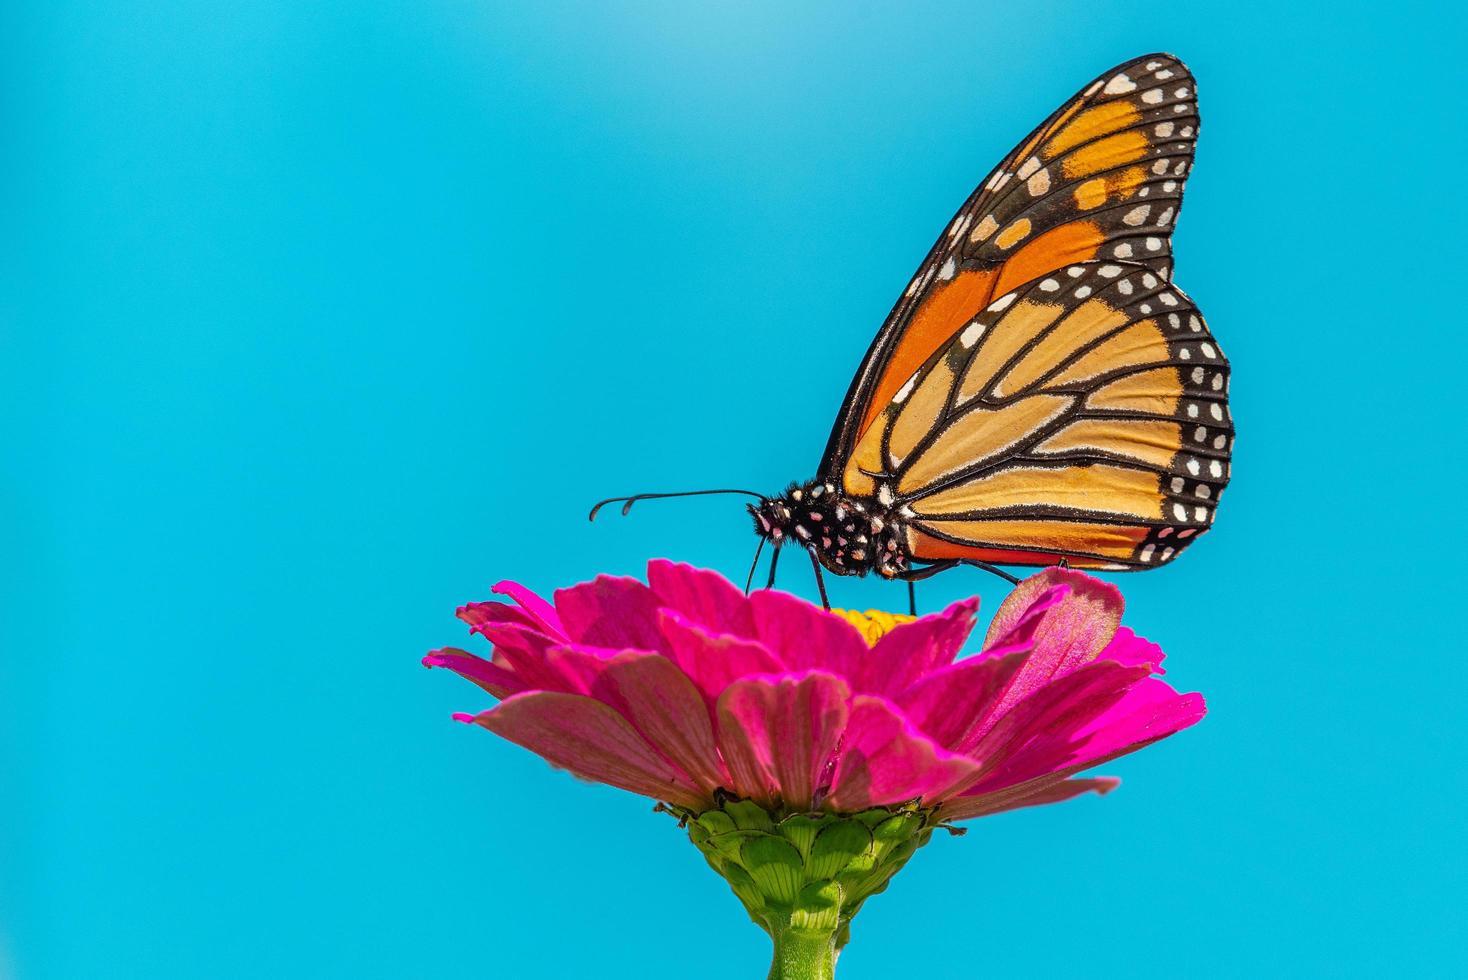 farfalla monarca appollaiata su un fiore di zinnia rosa caldo con sfondo blu foto